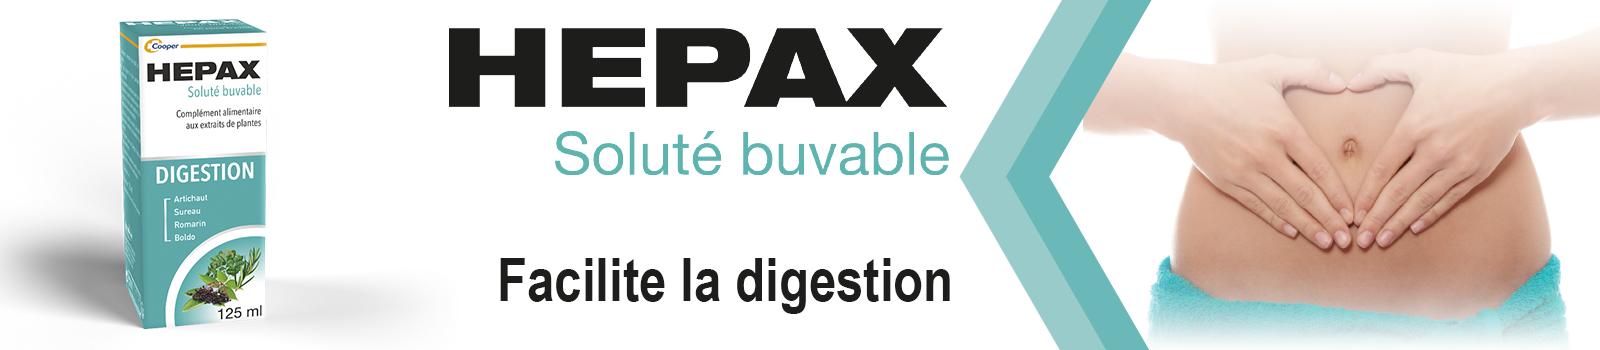 slide_hepax0321